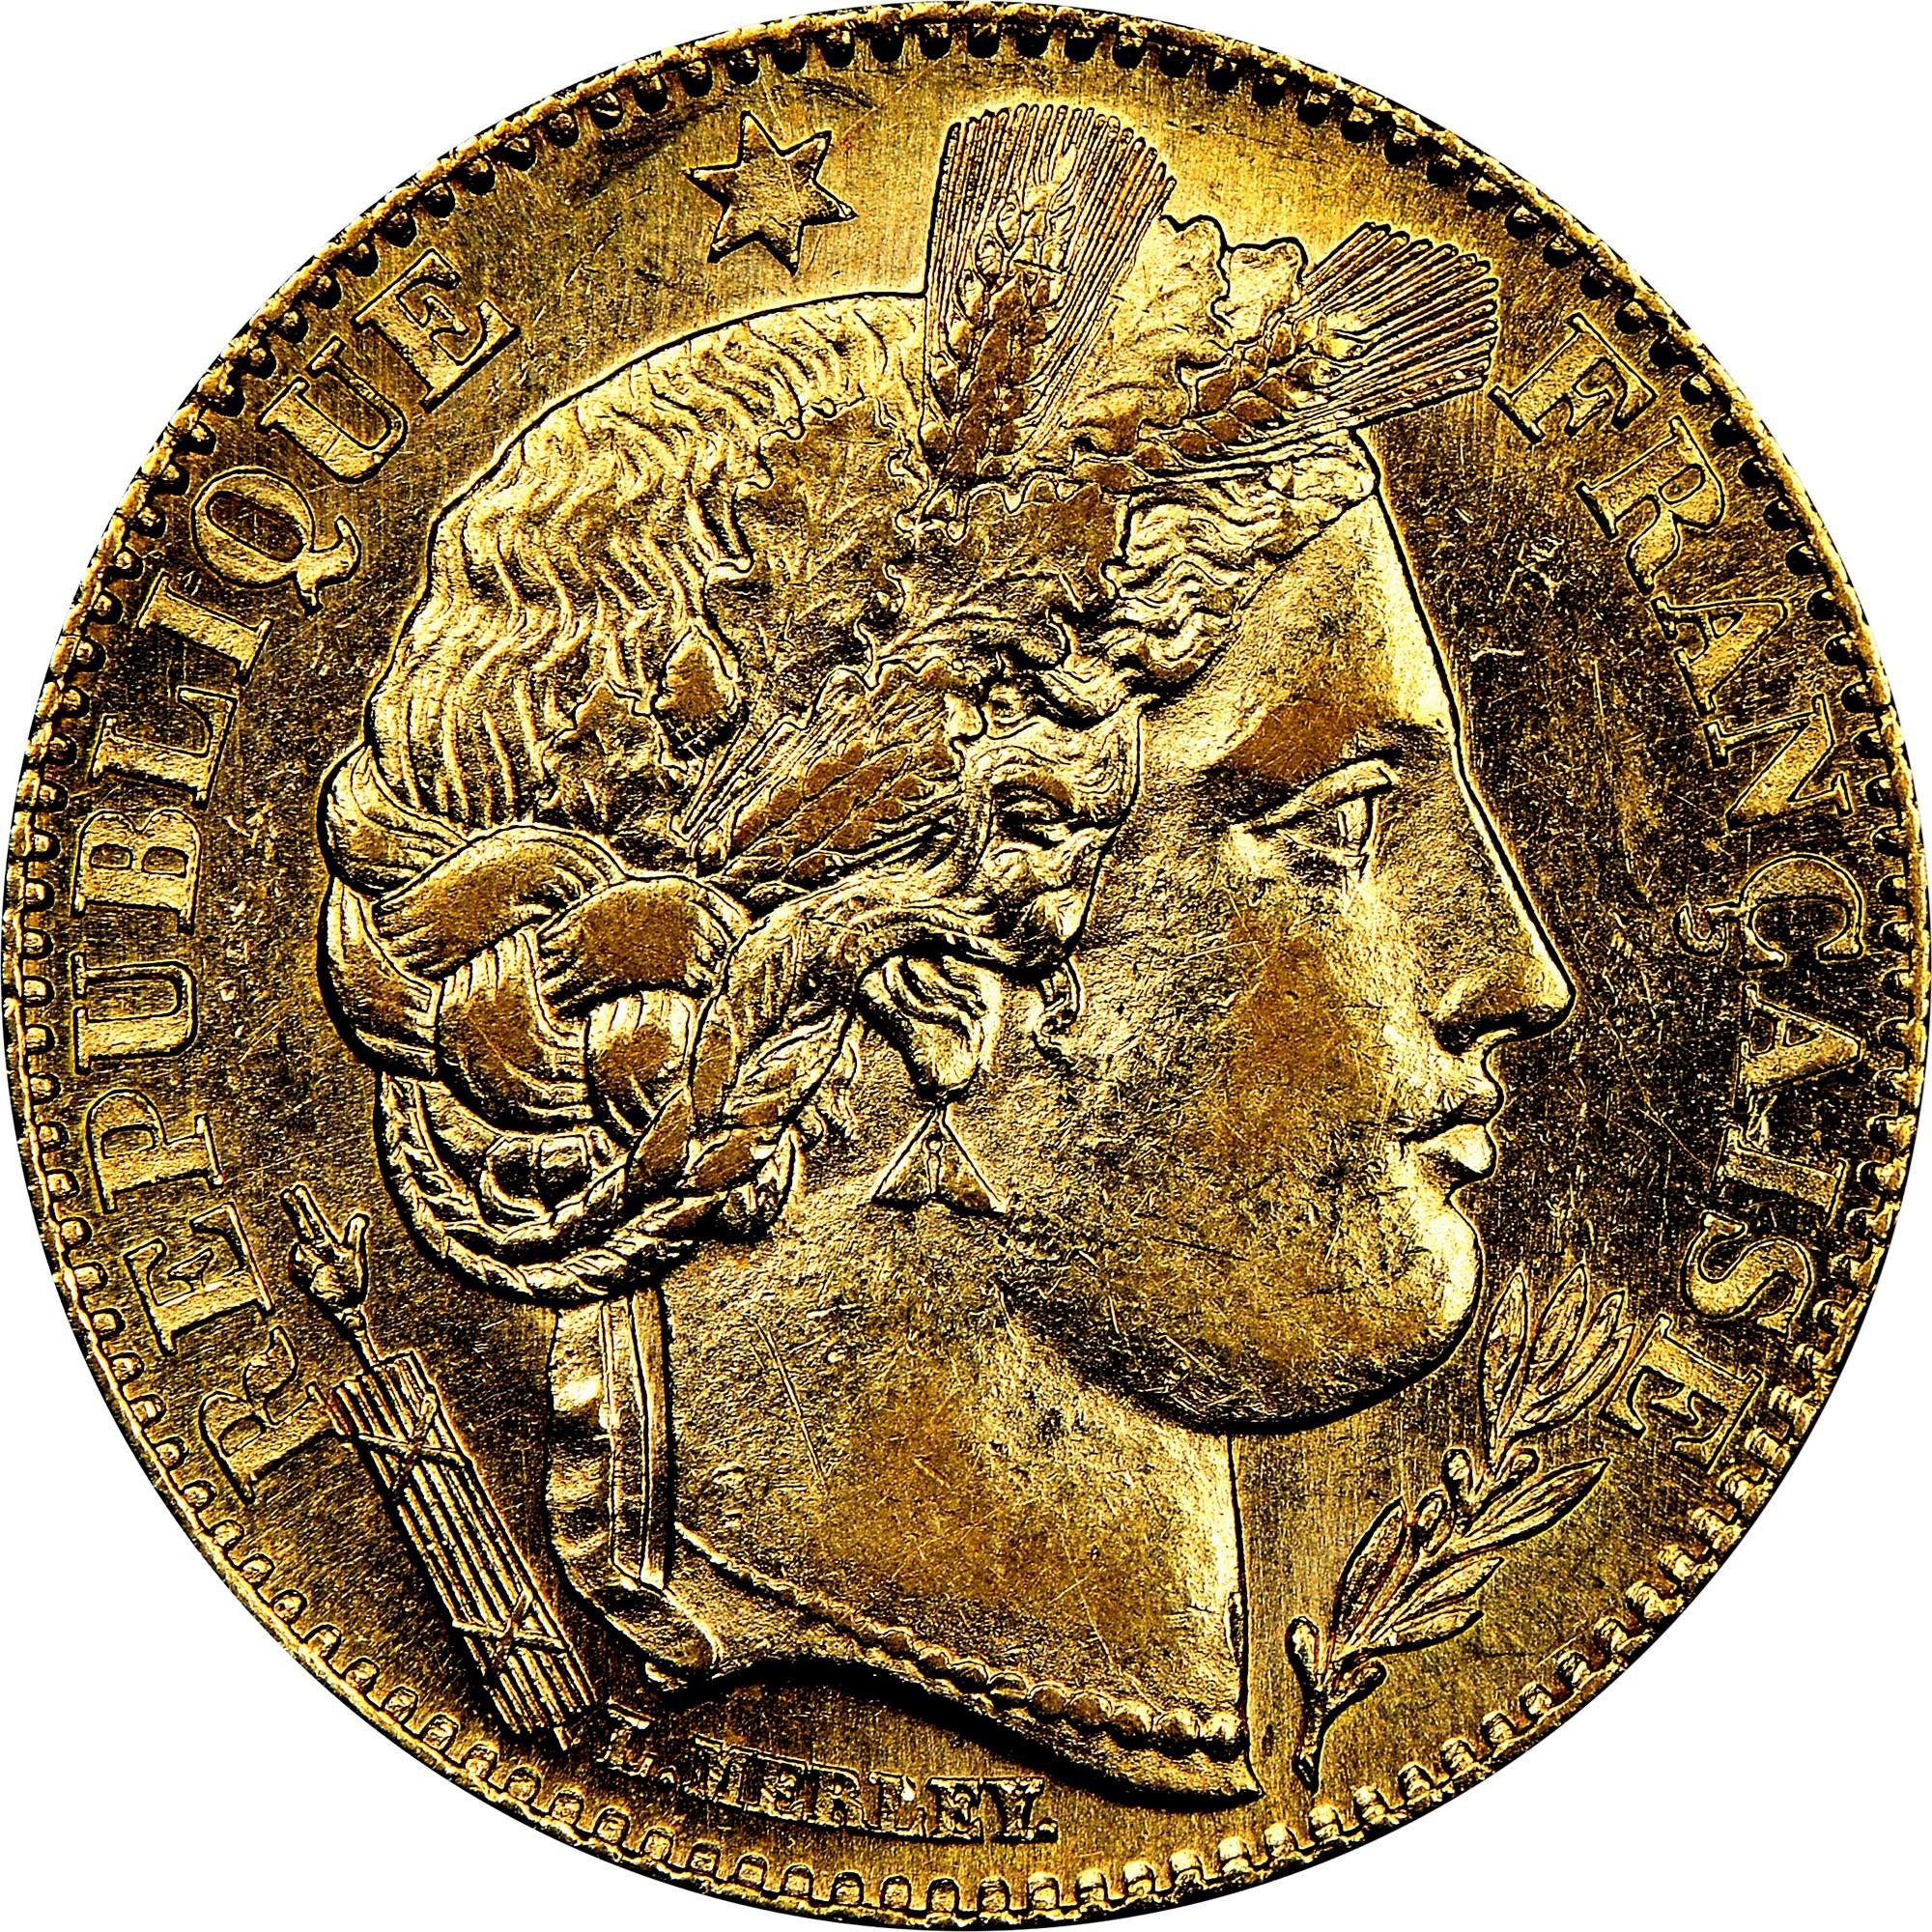 France 10 Francs obverse